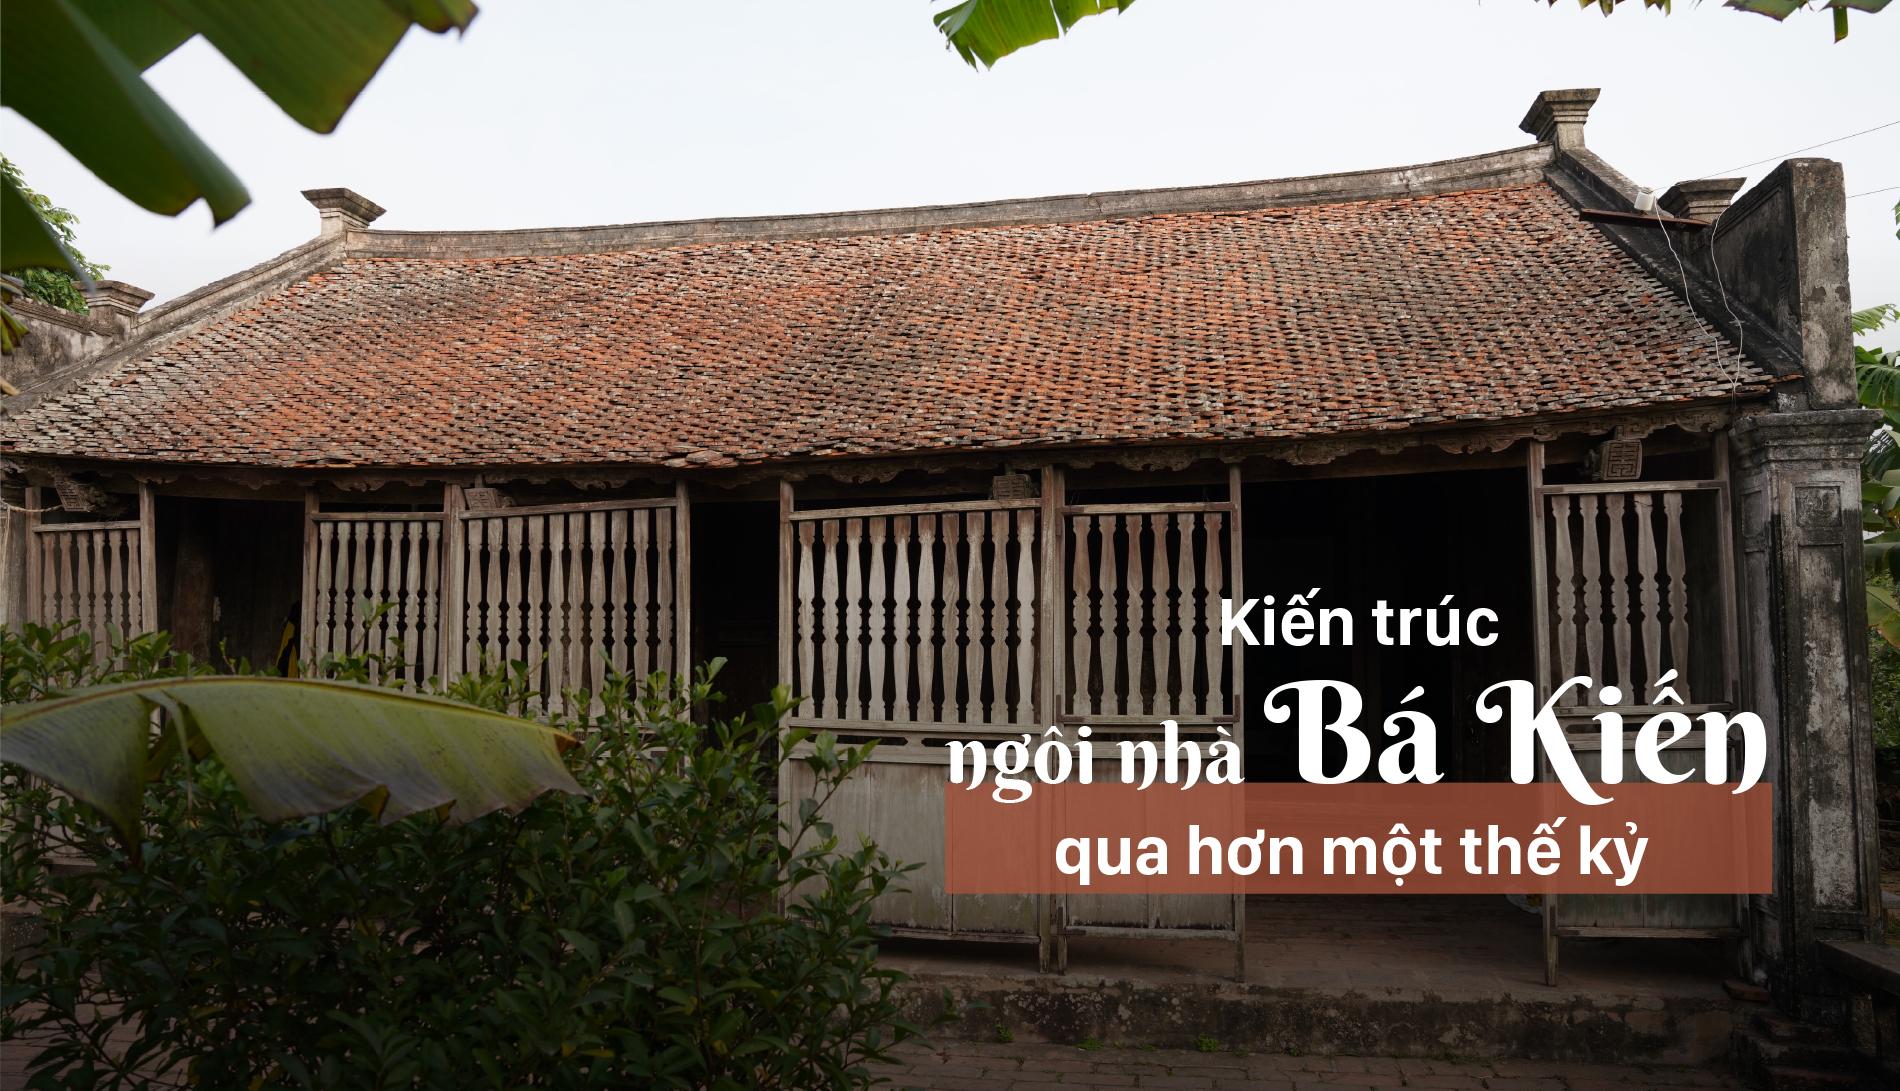 Kiến trúc ngôi nhà Bá Kiến qua hơn một thế kỷ